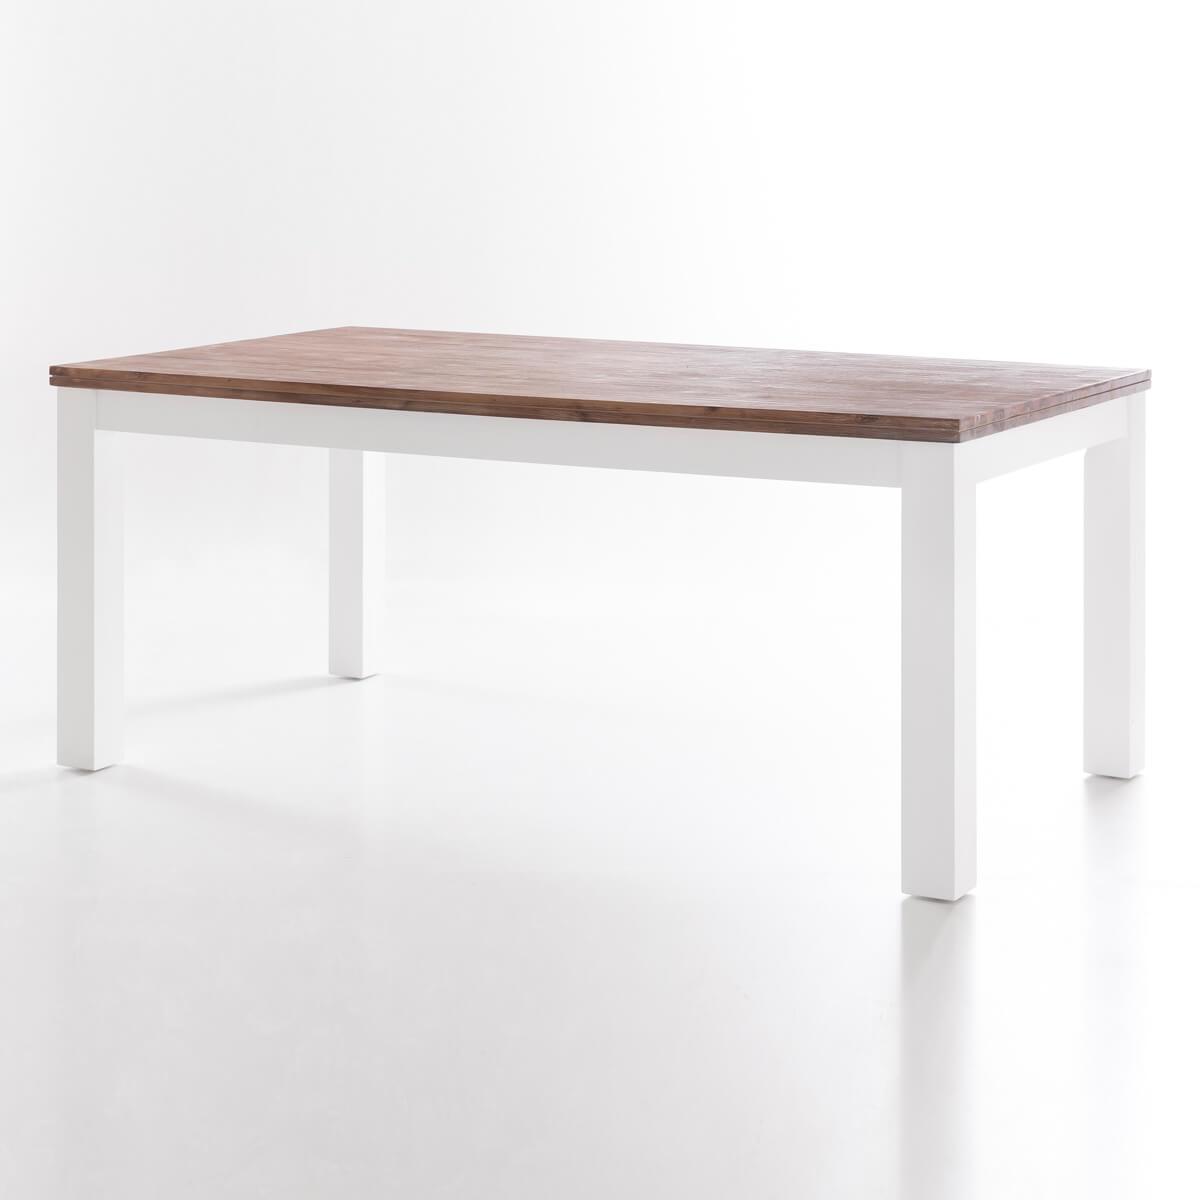 esstisch lyron akazie massiv wei braun tisch massivholz 160 180 200 x 90 cm ebay. Black Bedroom Furniture Sets. Home Design Ideas